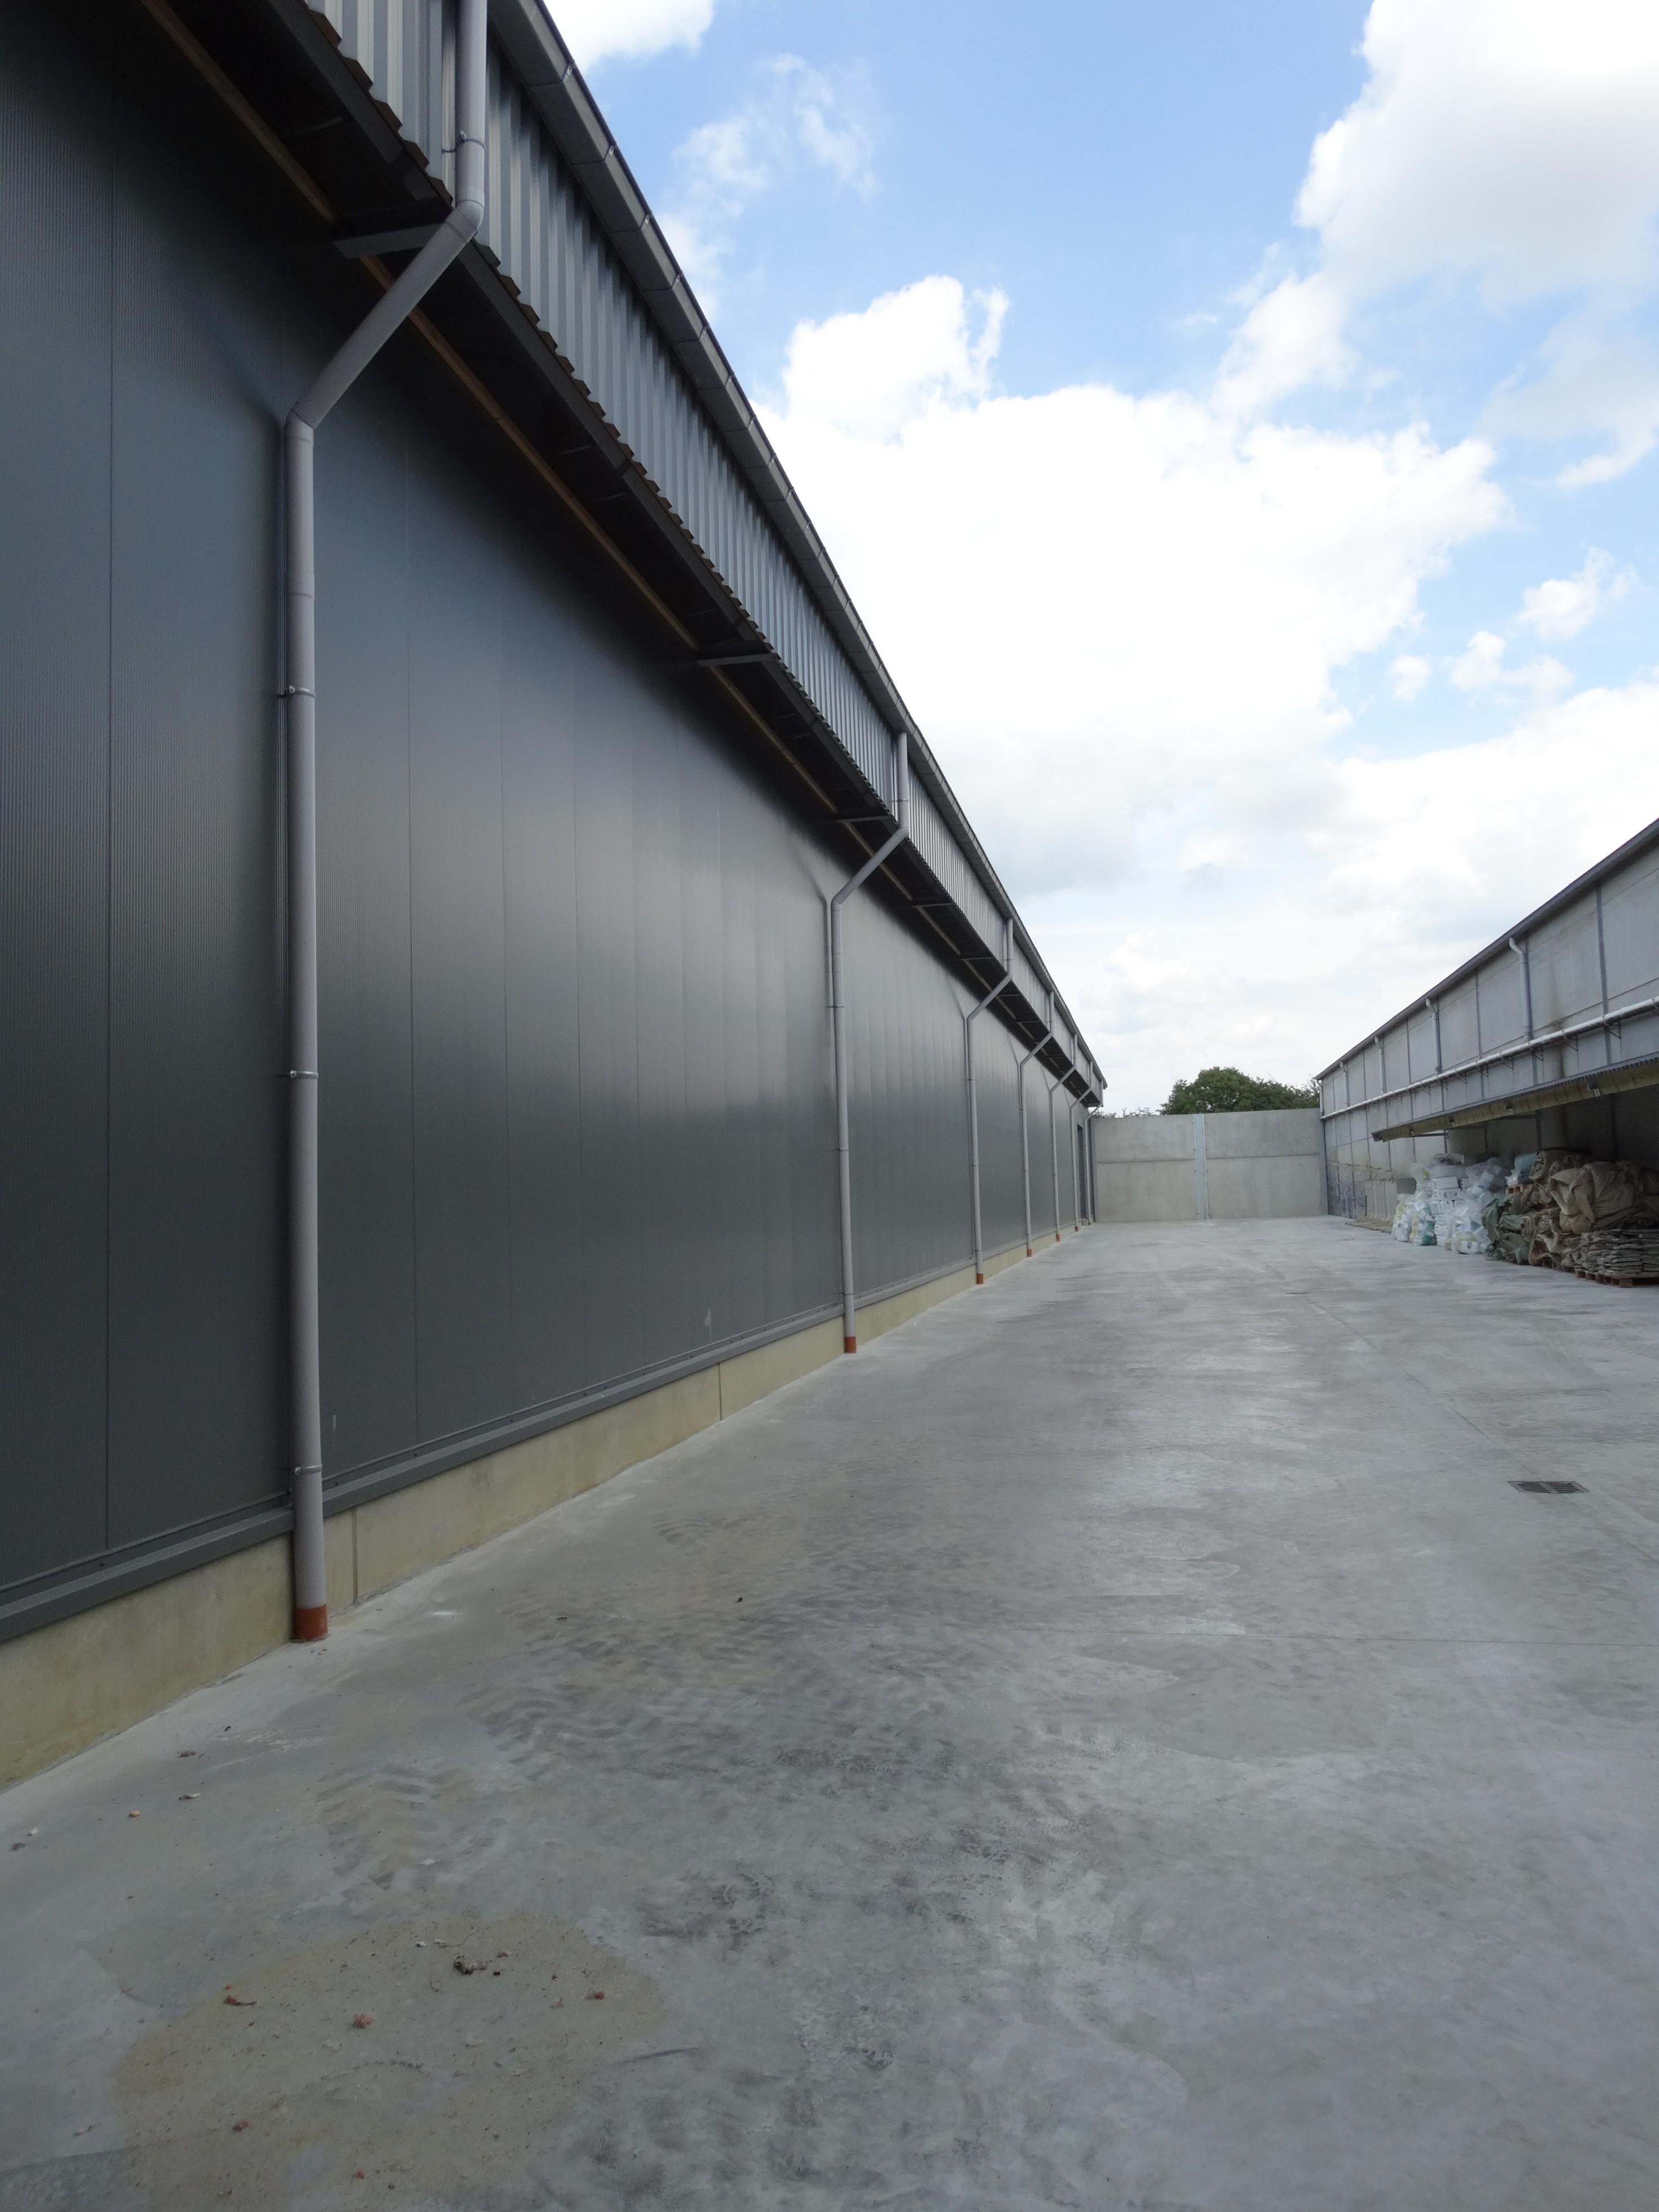 lefevre-Rosseignies-aardappelloods_hangar stockage pommes de terre (38)